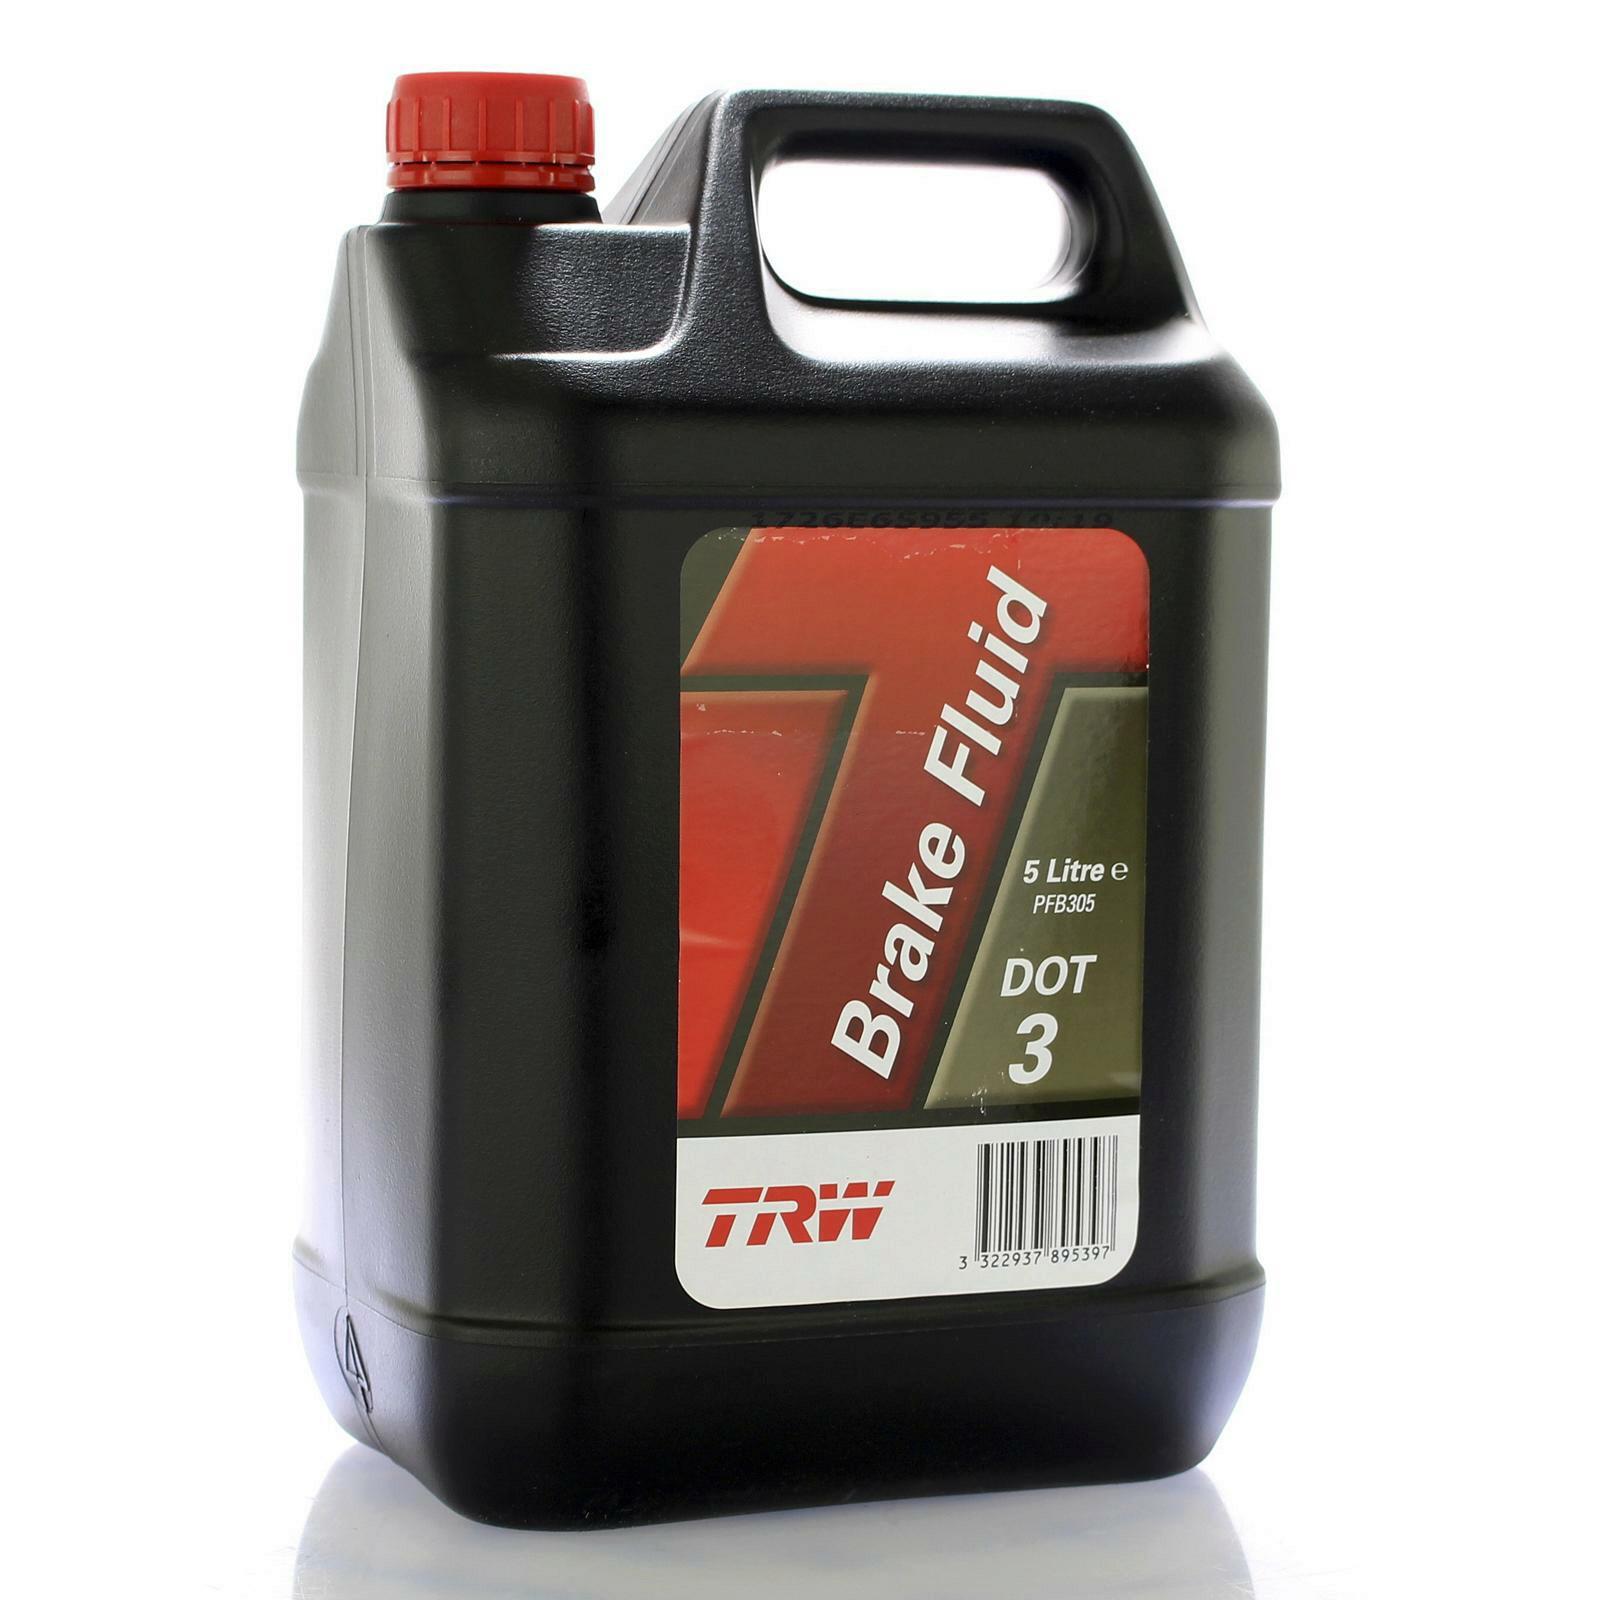 TRW Bremsflüssigkeit 5L DOT 3